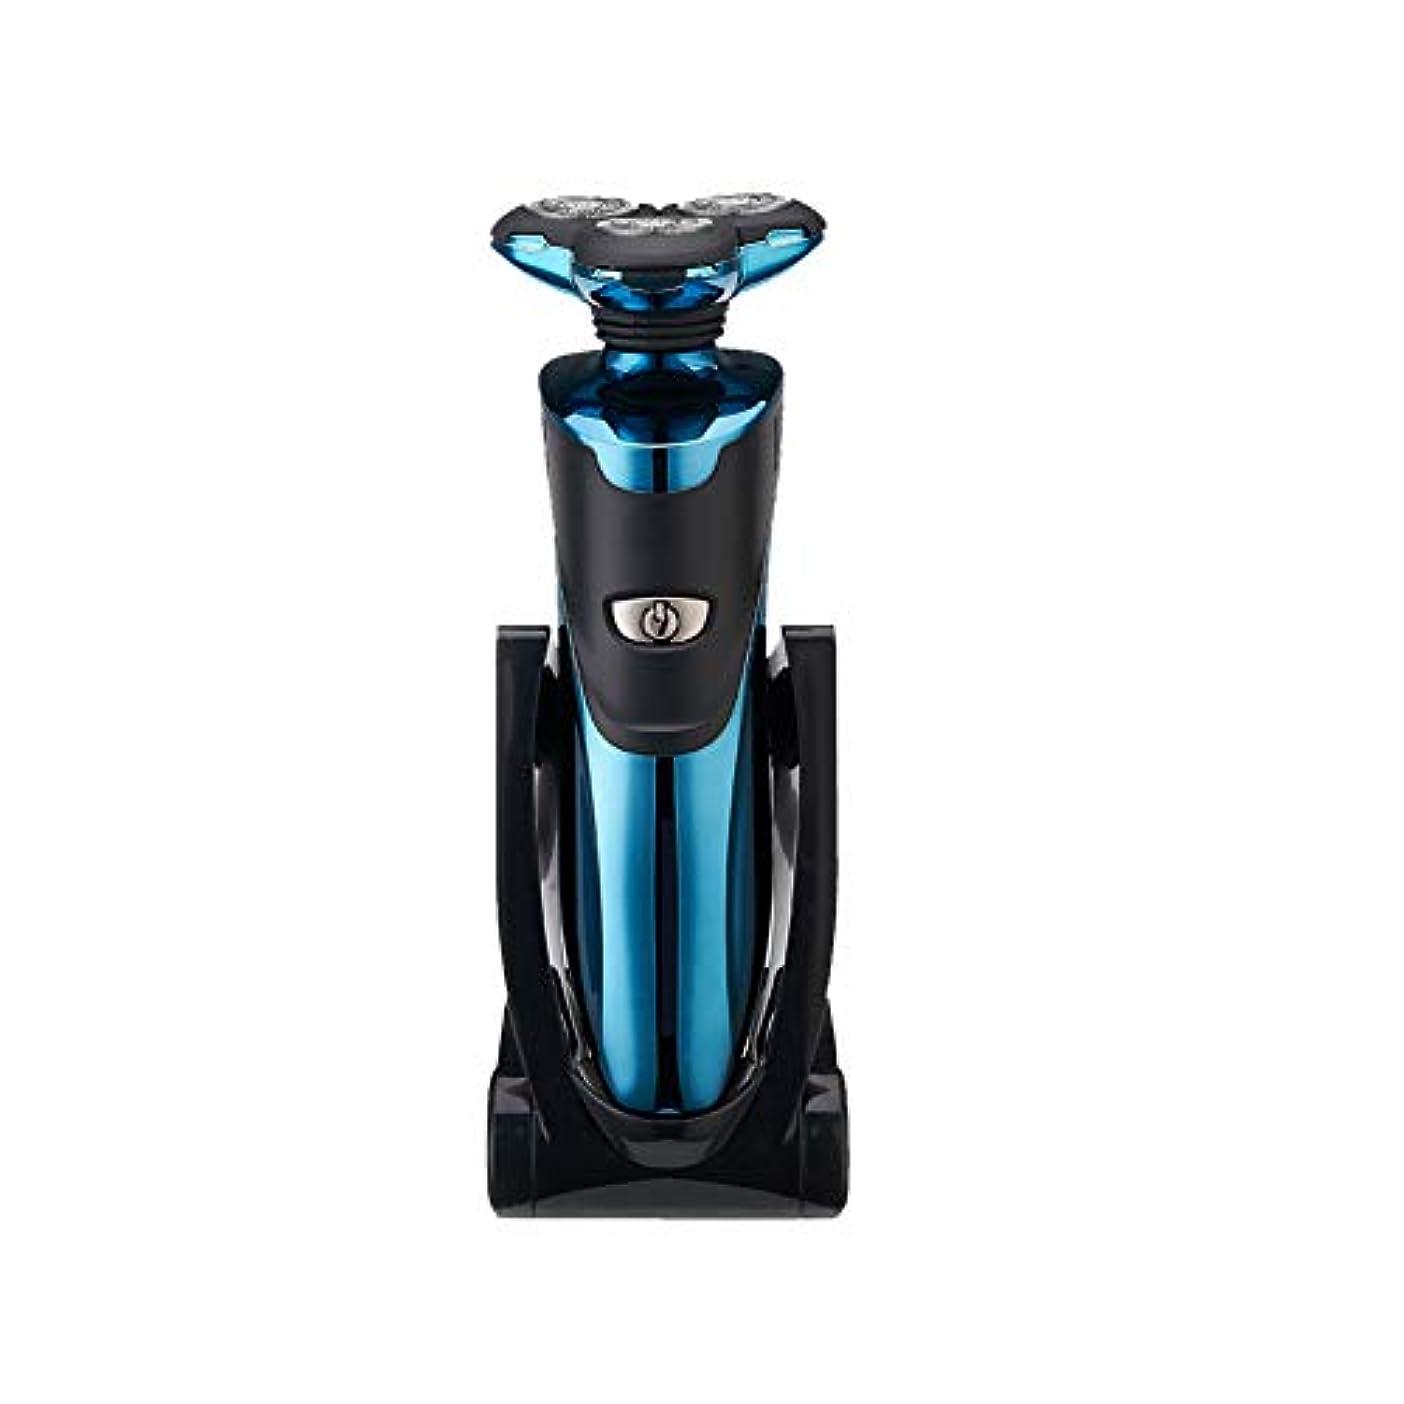 やがてエキゾチックパス4で1電気シェーバー男性かみそり4 d濡れた乾式ロータリーシェービングIpx 7防水2019年更新バージョンアダプター付きトリマーグルーミングキット,Blue